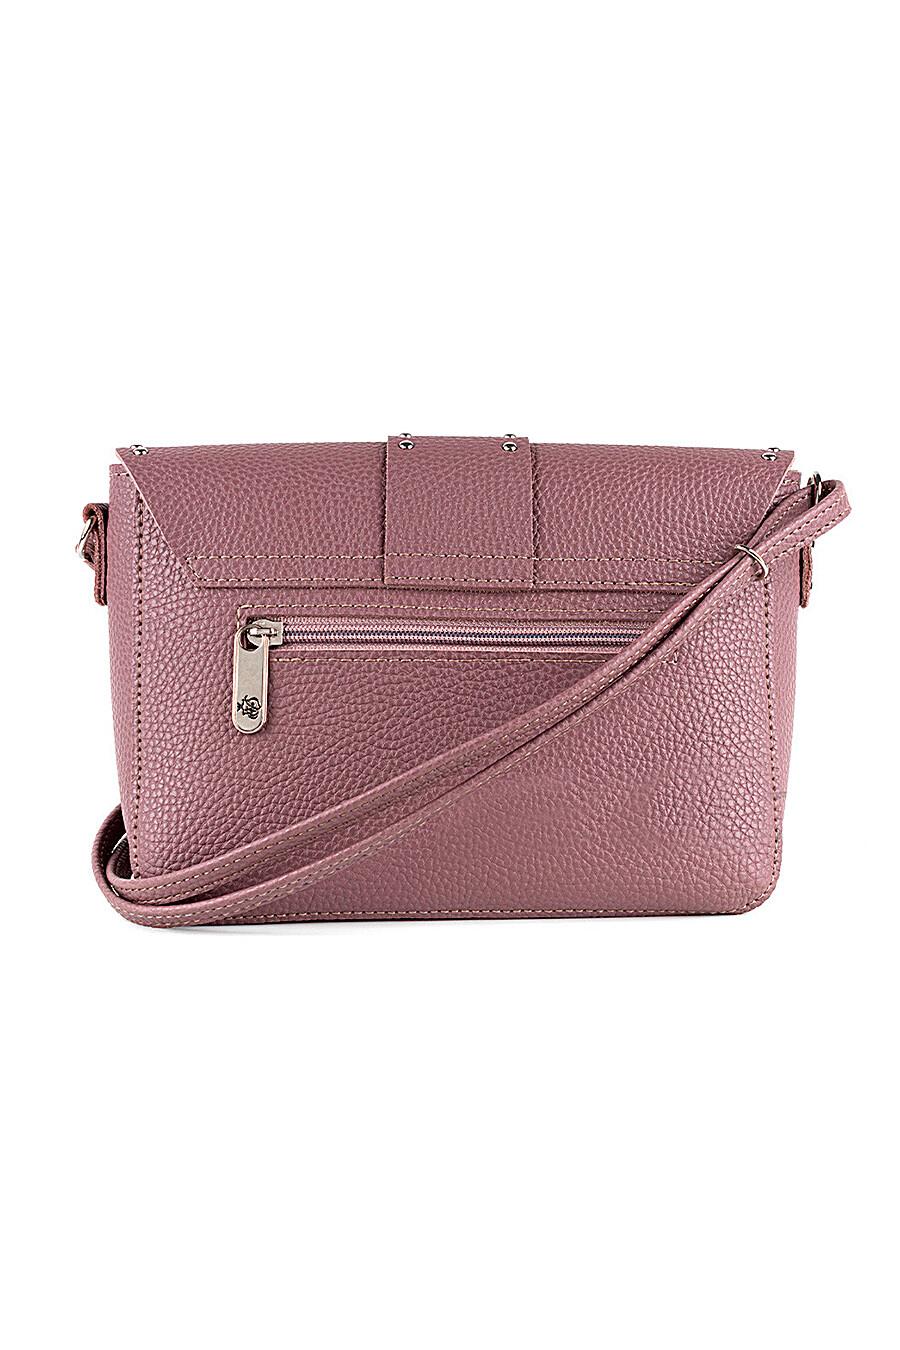 Сумка для женщин L-CRAFT 668325 купить оптом от производителя. Совместная покупка женской одежды в OptMoyo